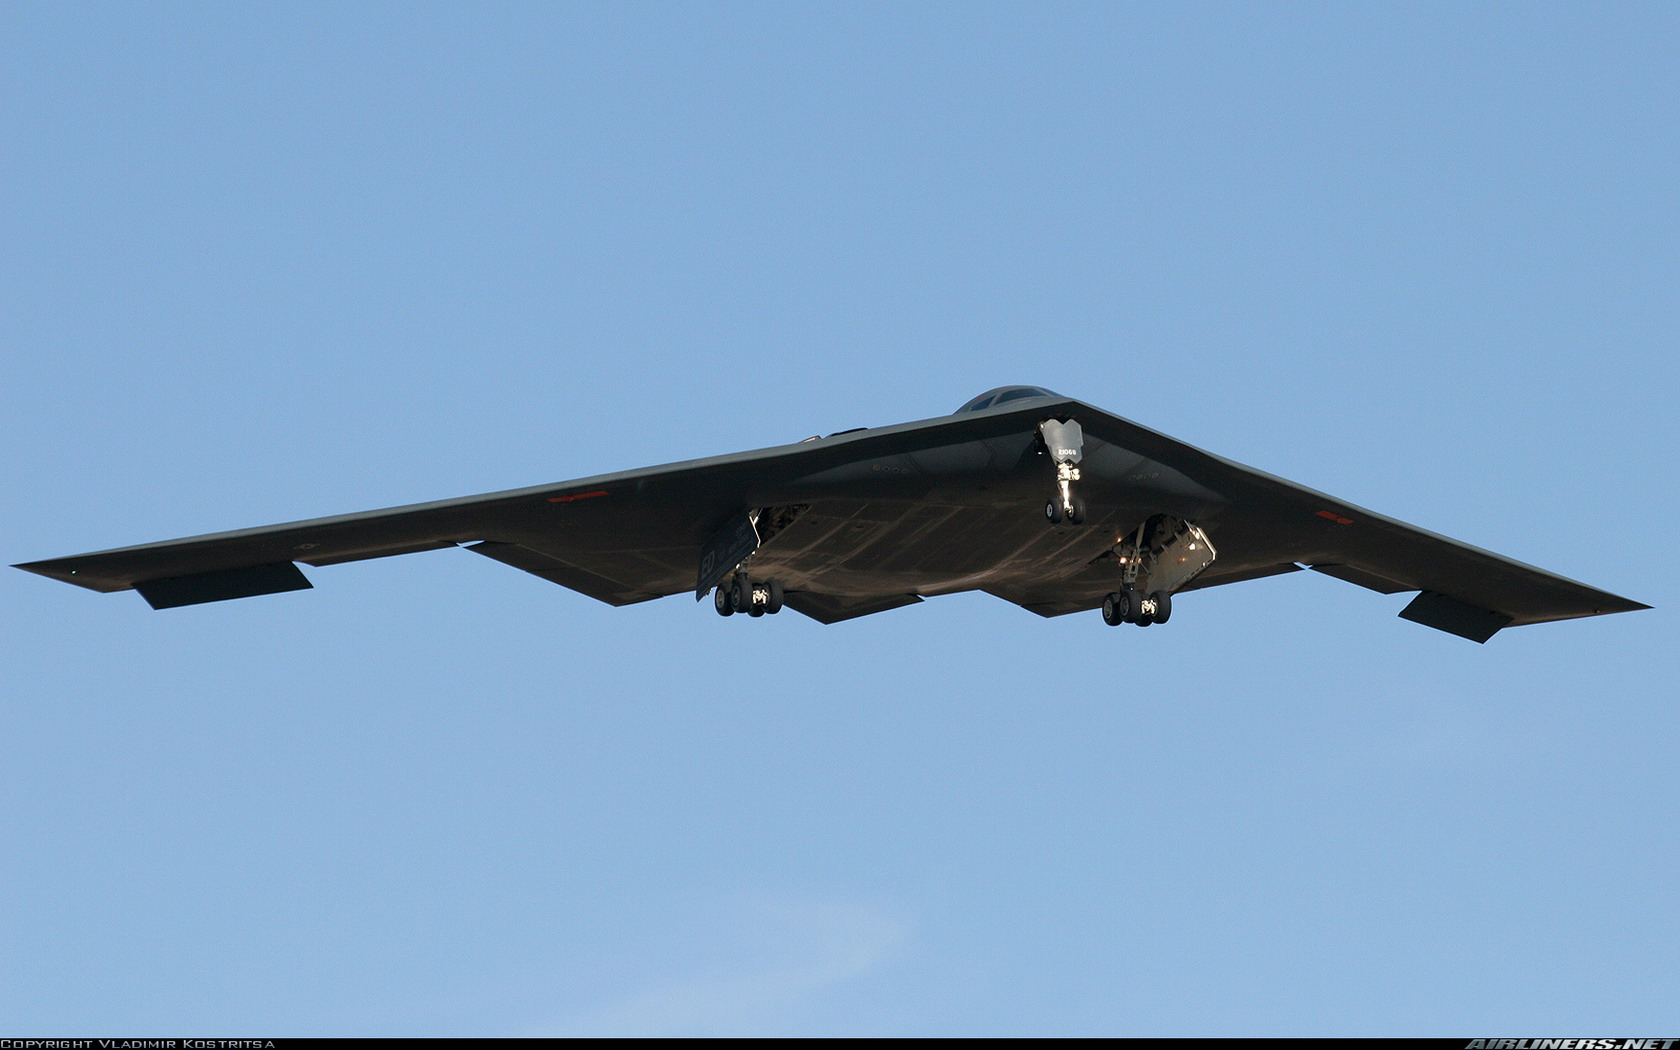 Aircraft Bomber Wallpaper 1680x1050 Aircraft Bomber B2 Spirit 1680x1050